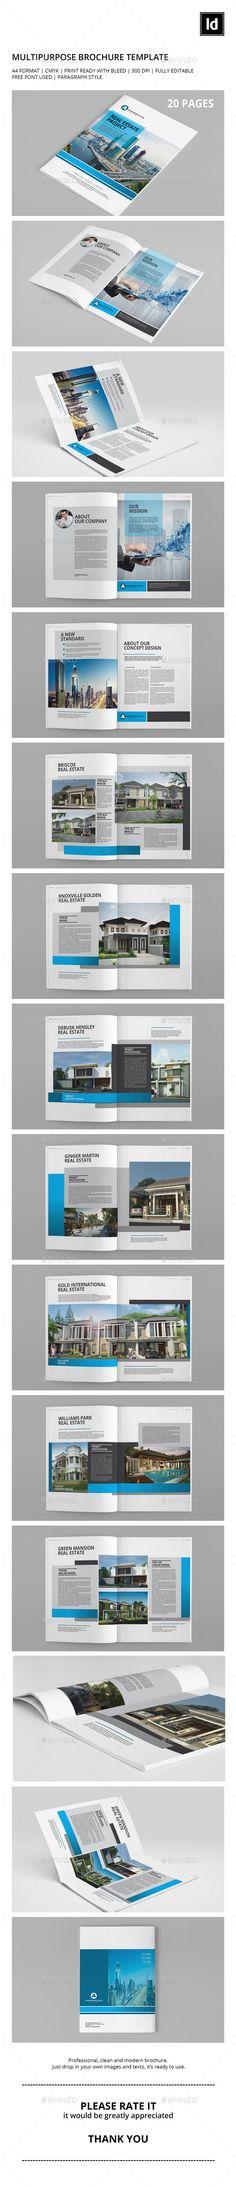 Portfolio Brochure Template Brochure template, Brochures and - interior design brochure template